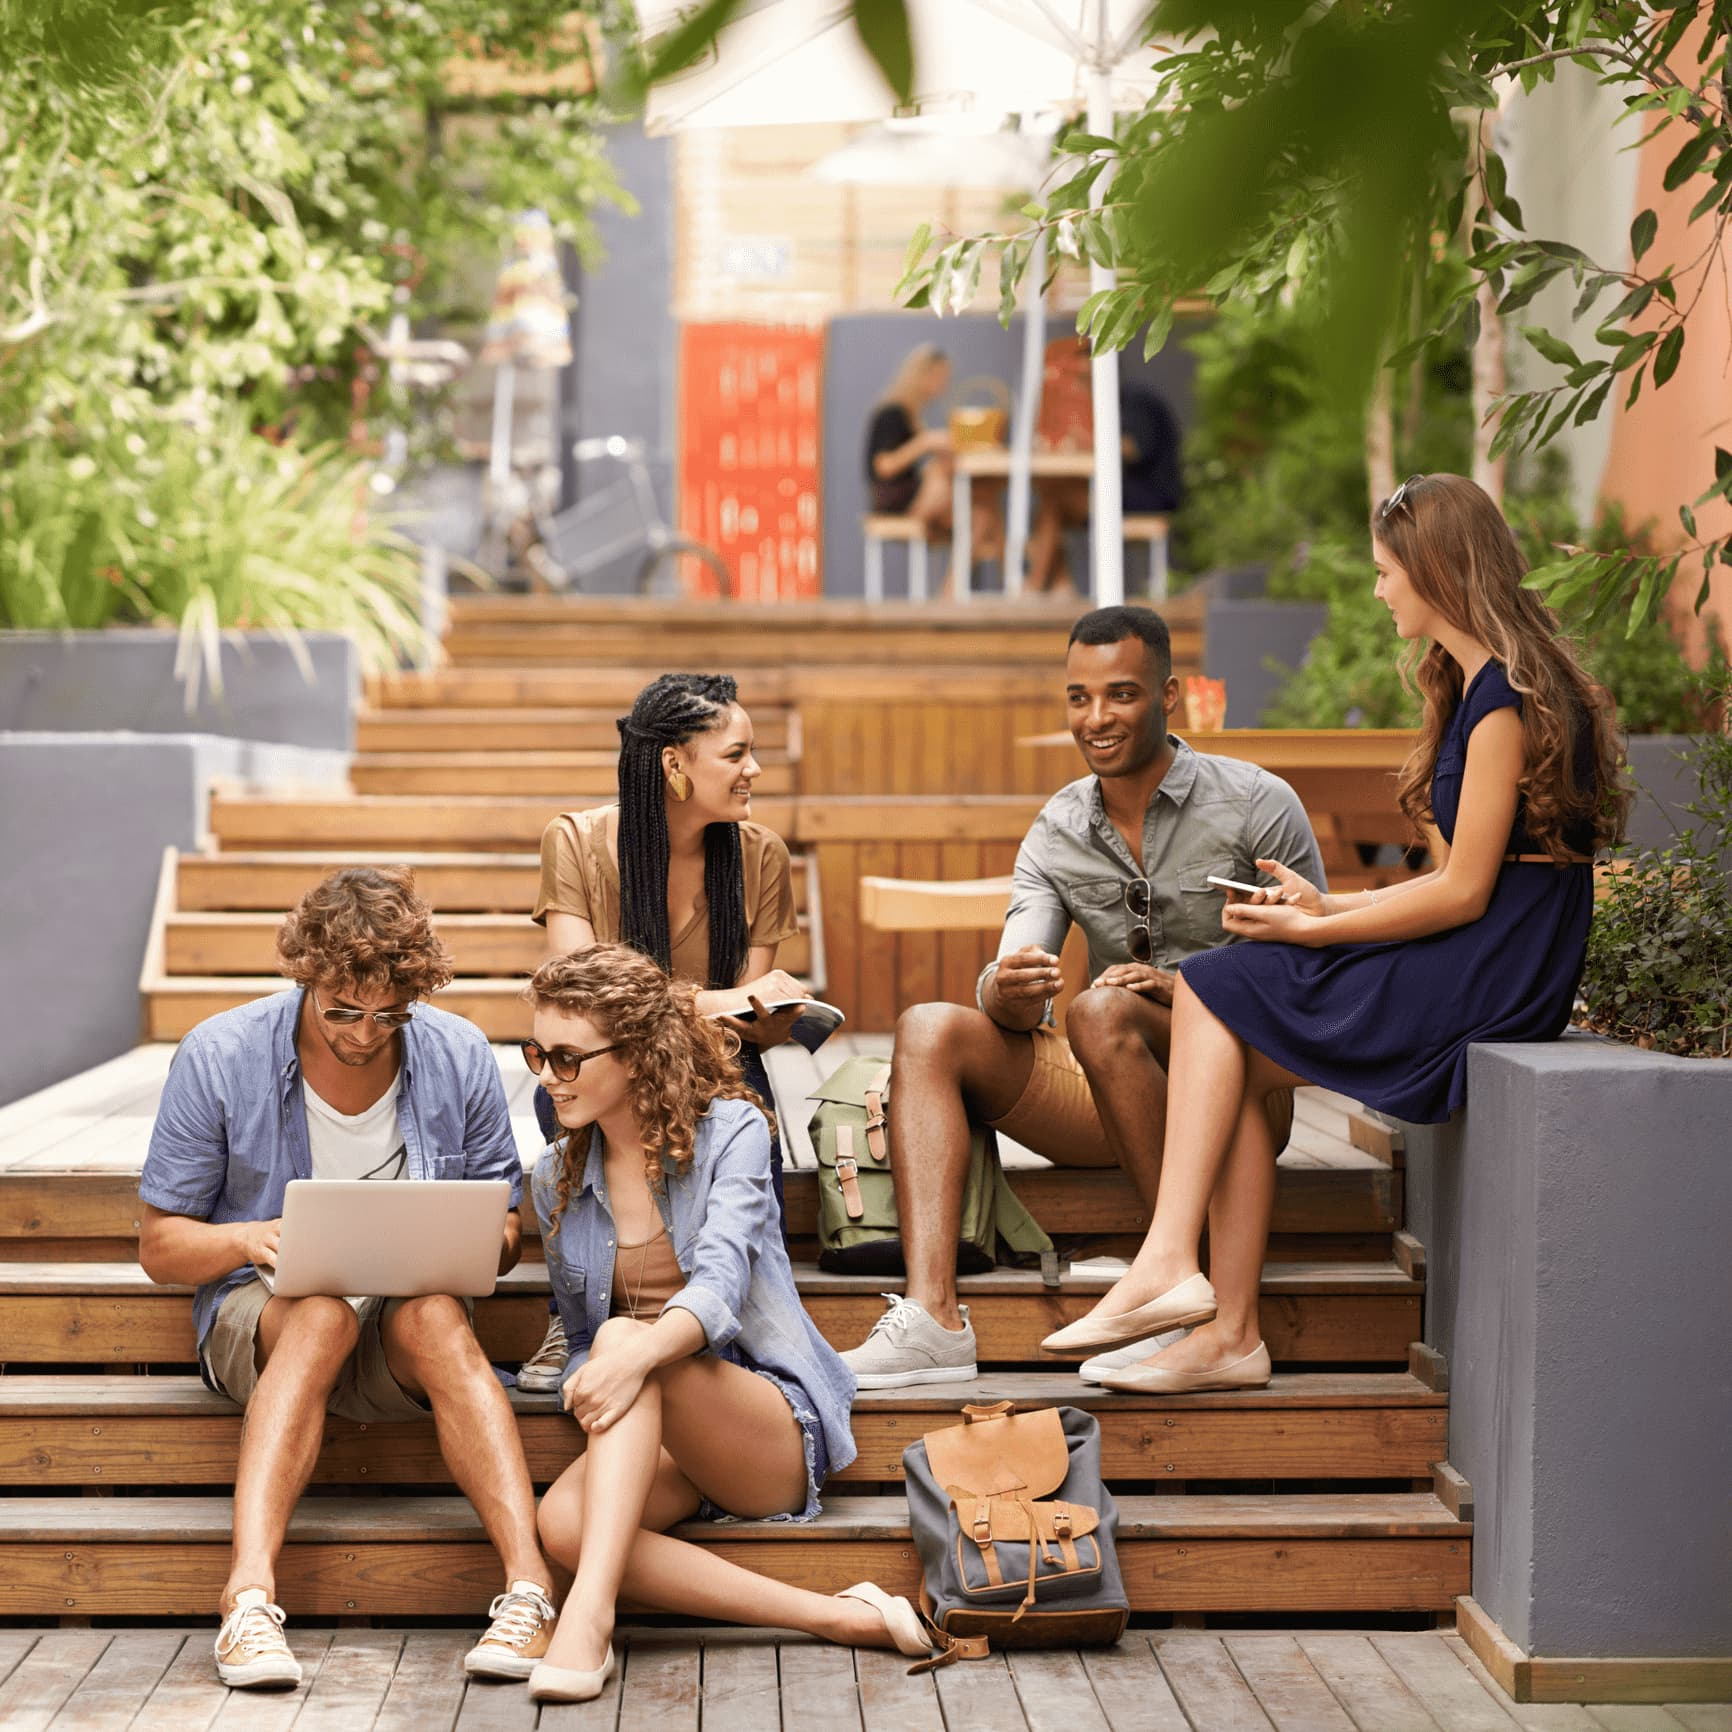 Studenten sitzen auf einer Treppe